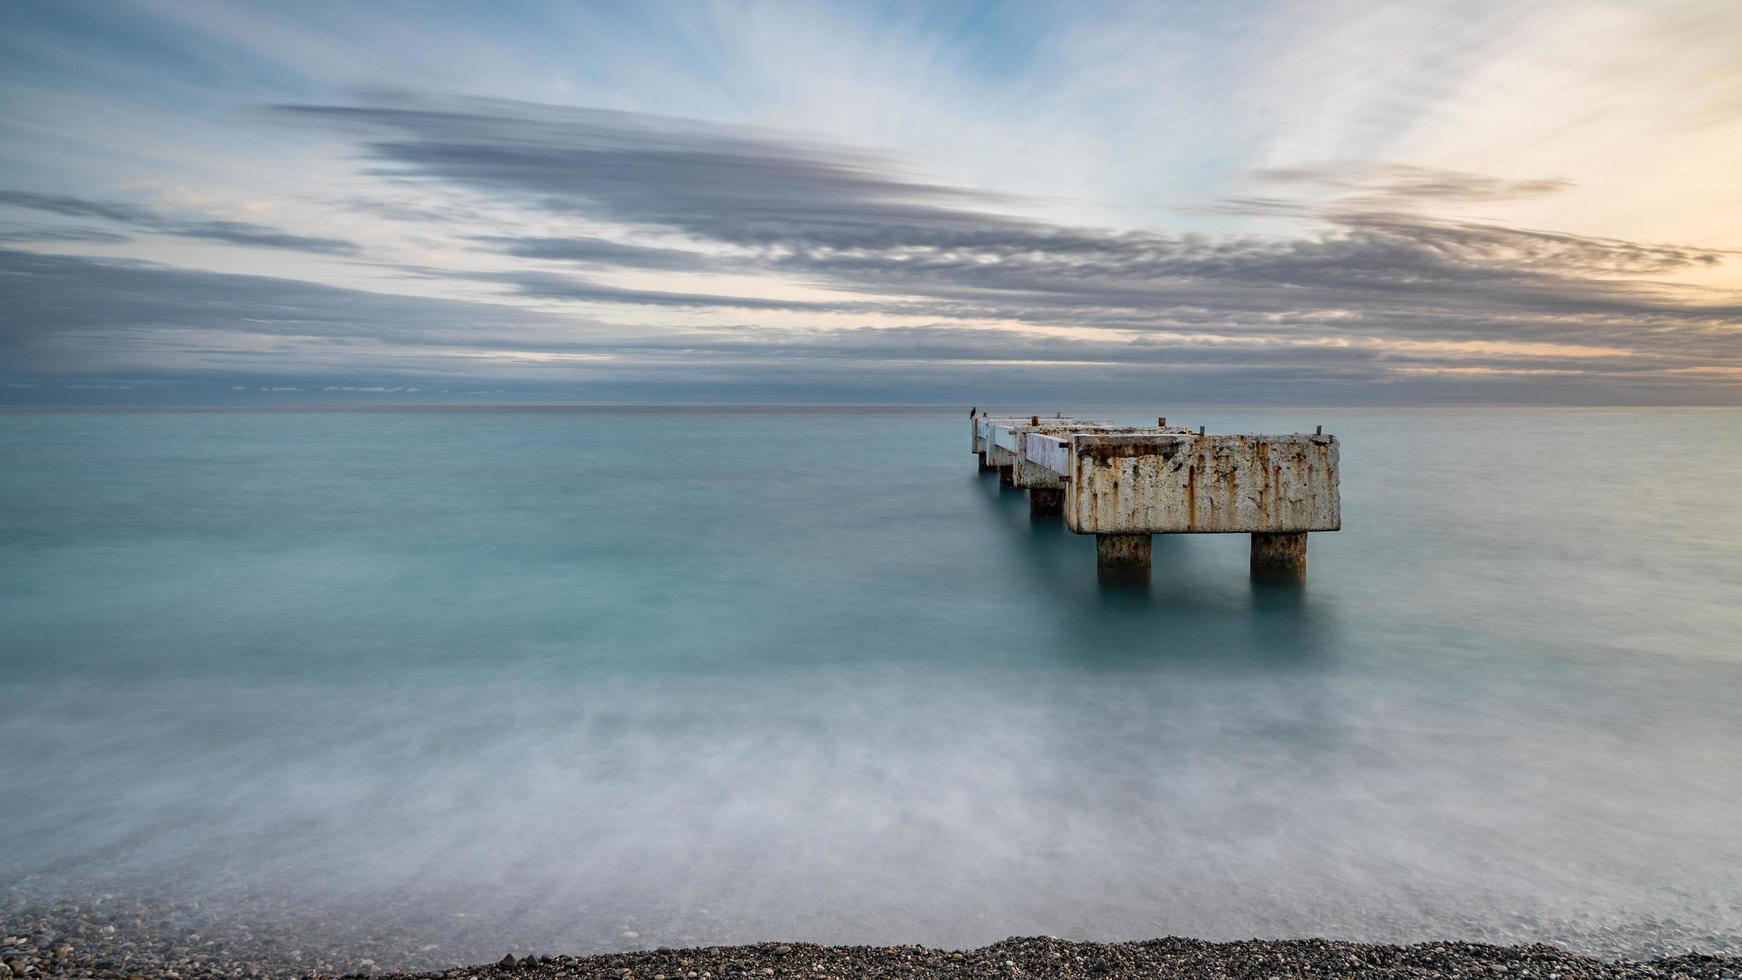 Vue longue exposition de la côte de la baie des anges en france photo